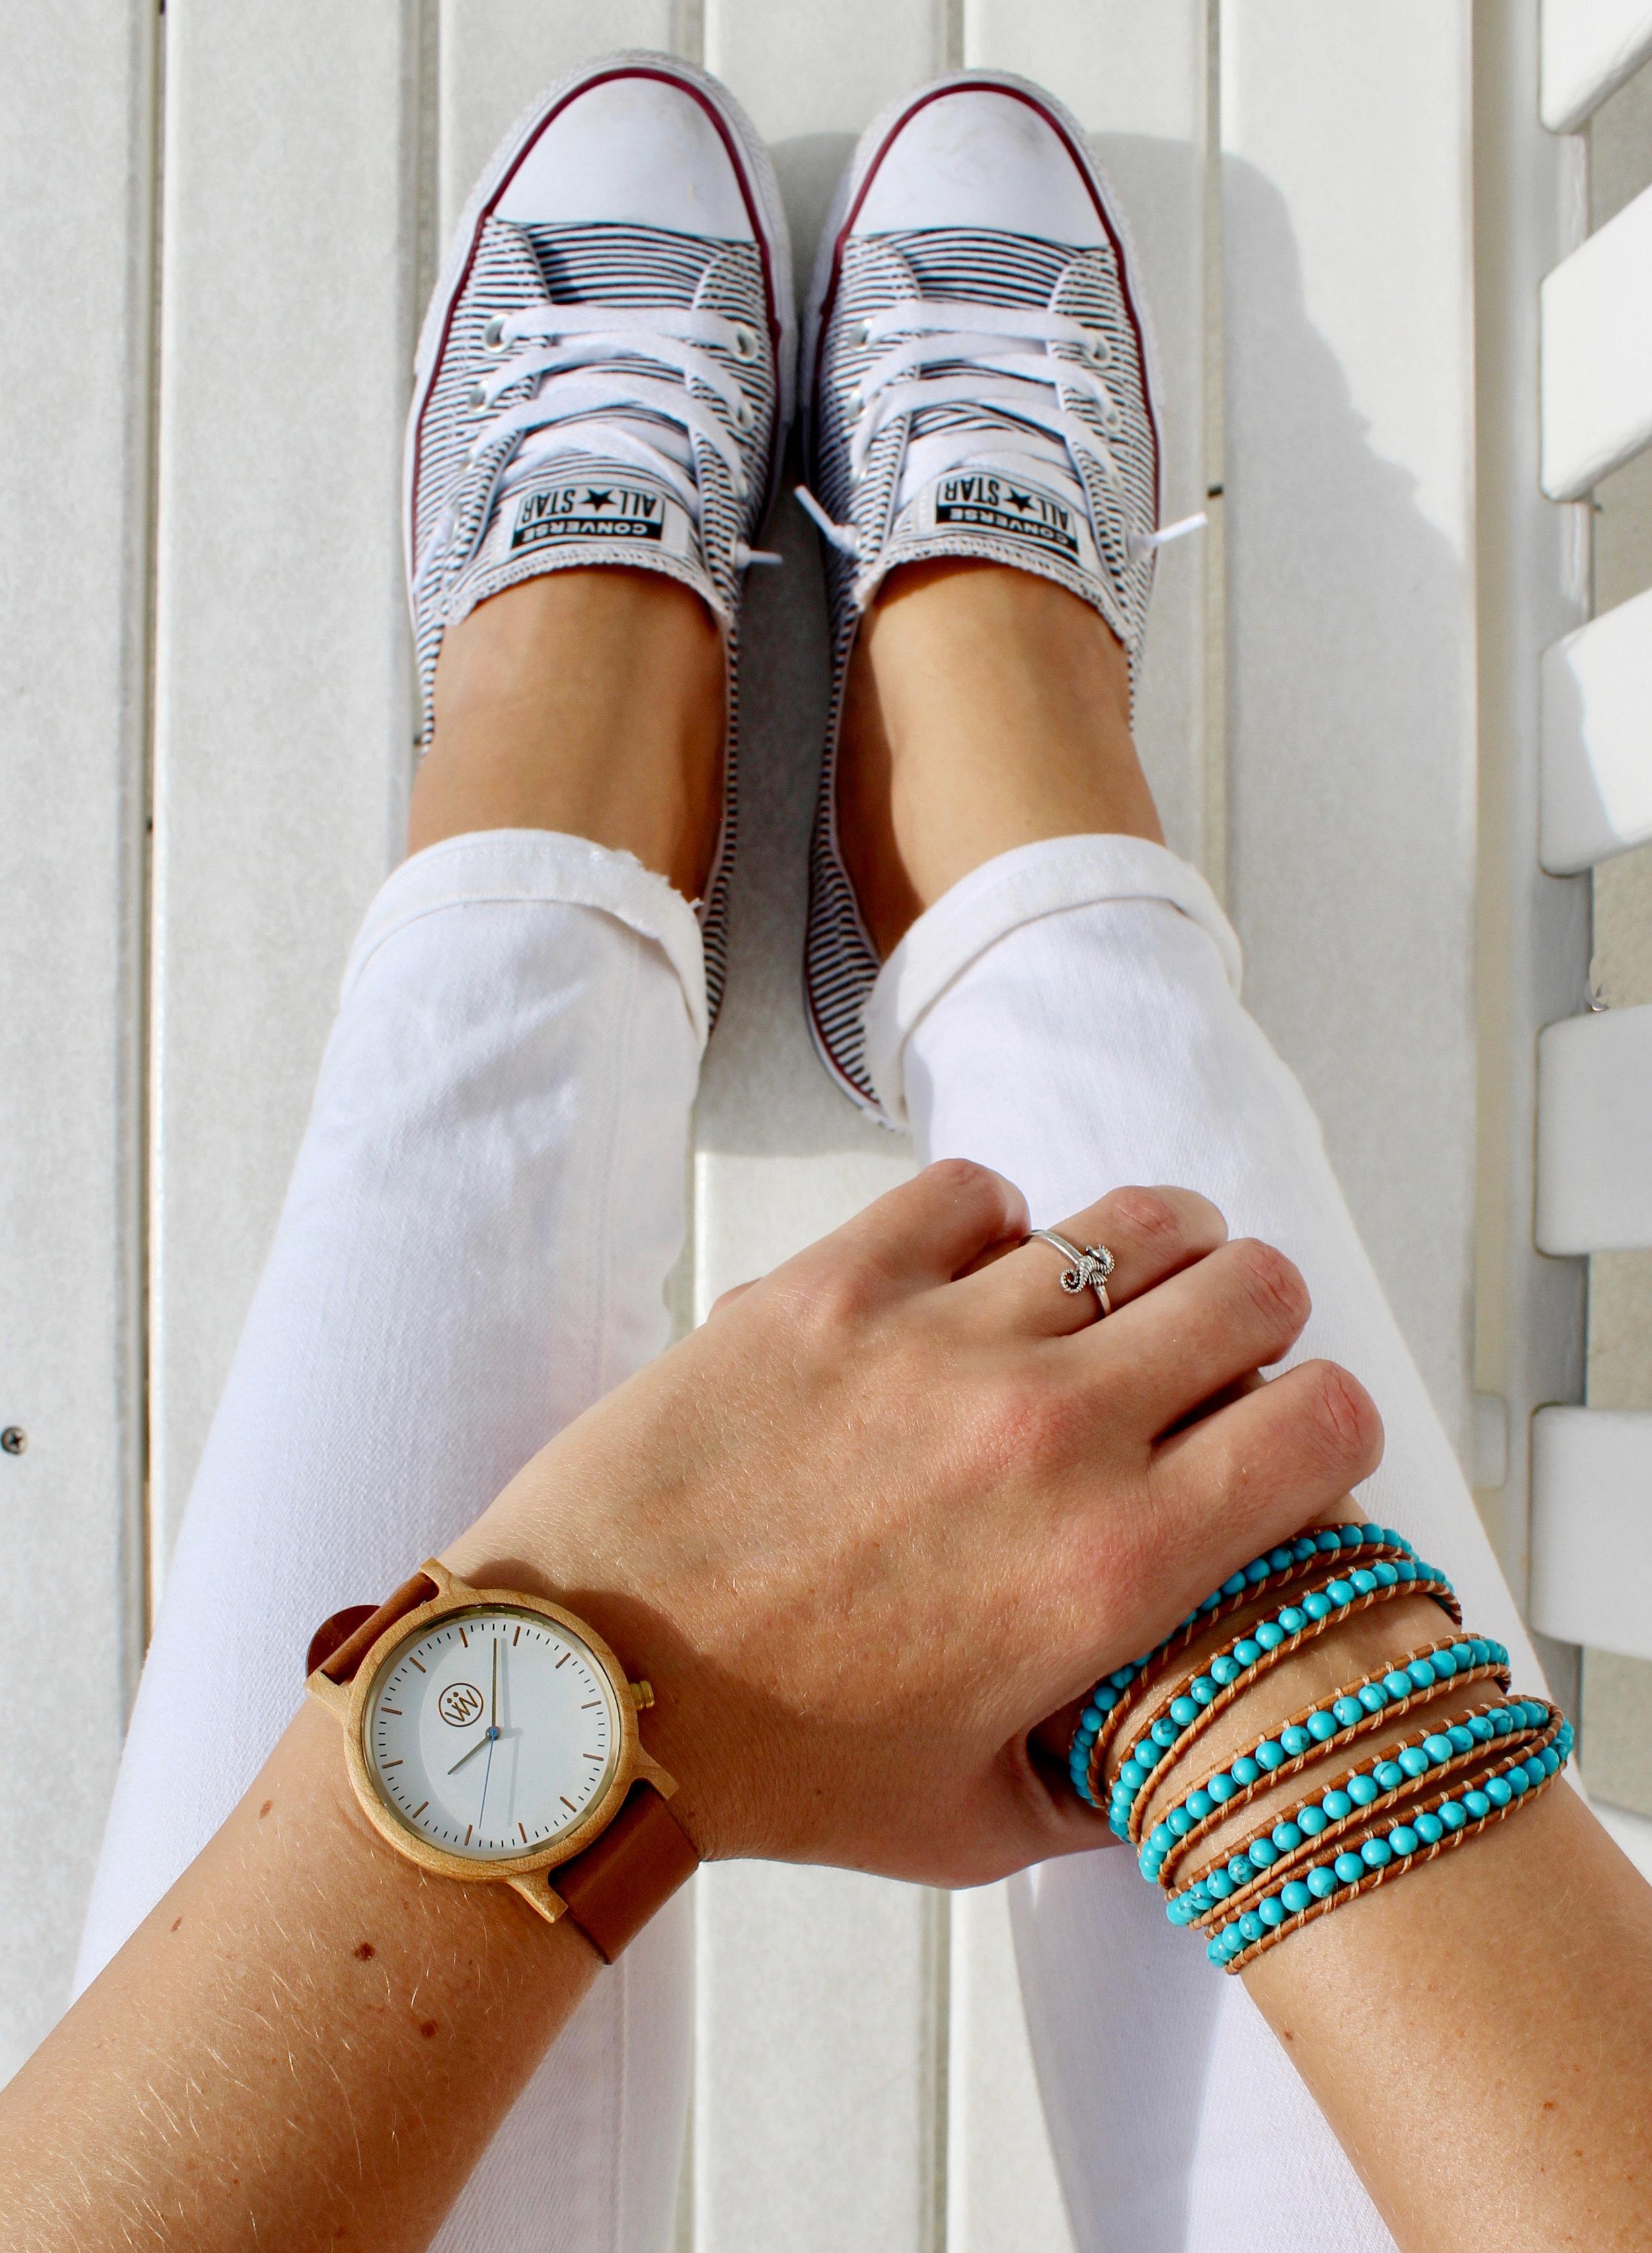 brownstraps.wrist.jpg